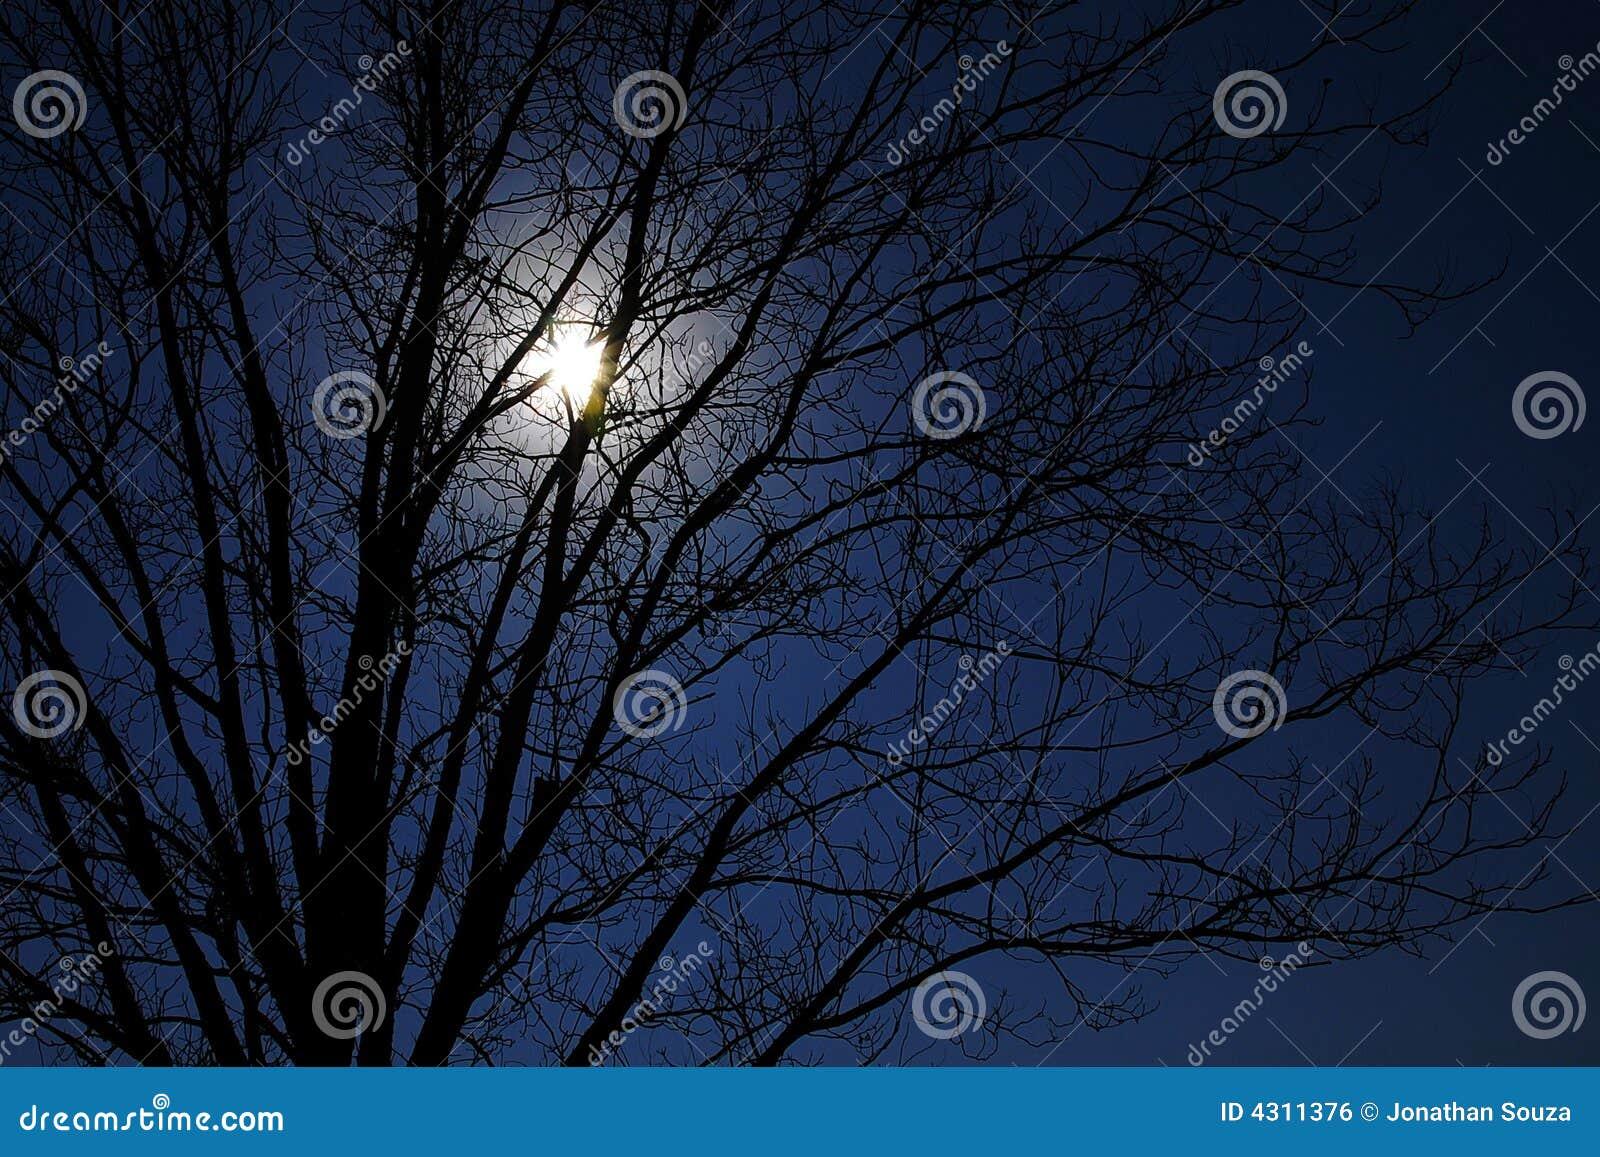 Moonlight in a tree